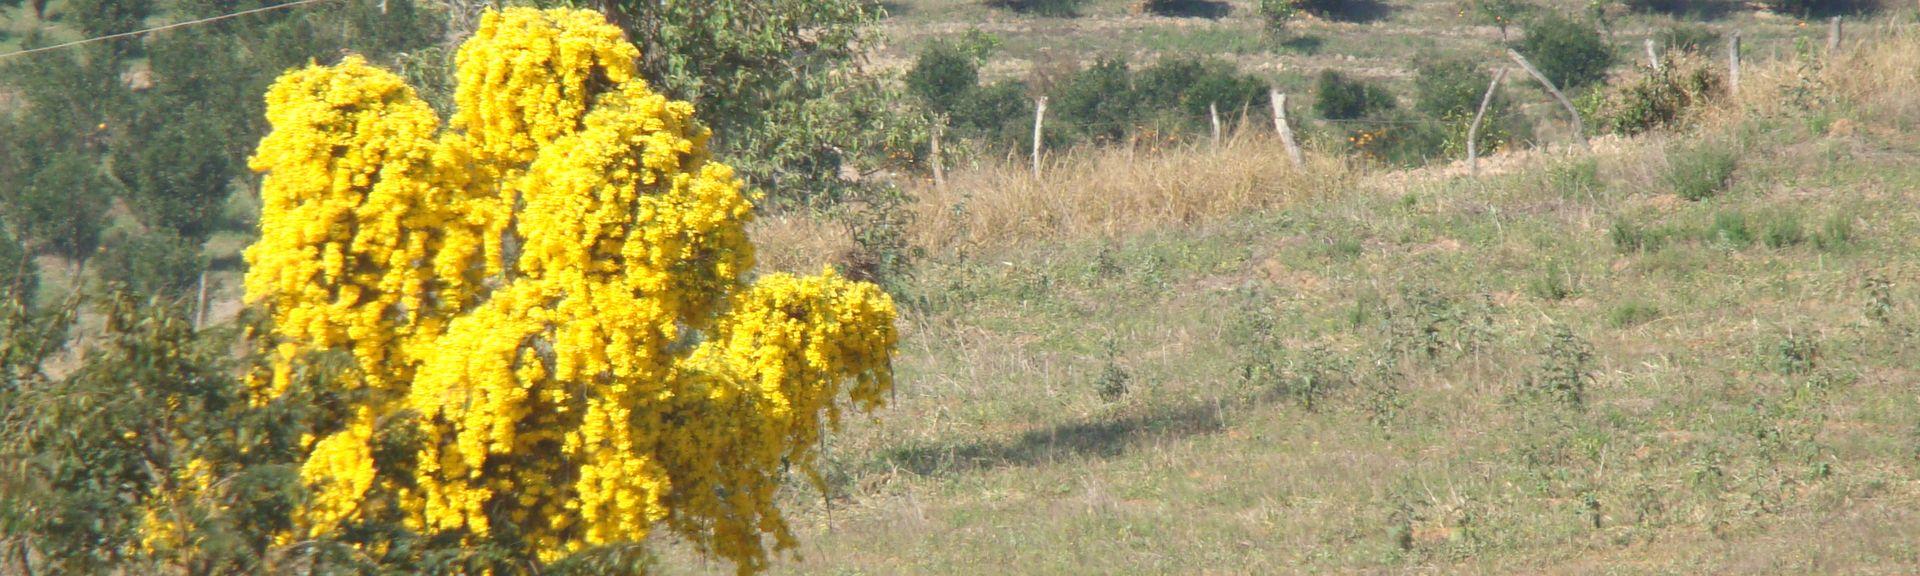 Brumadinho, State of Minas Gerais, Brazil